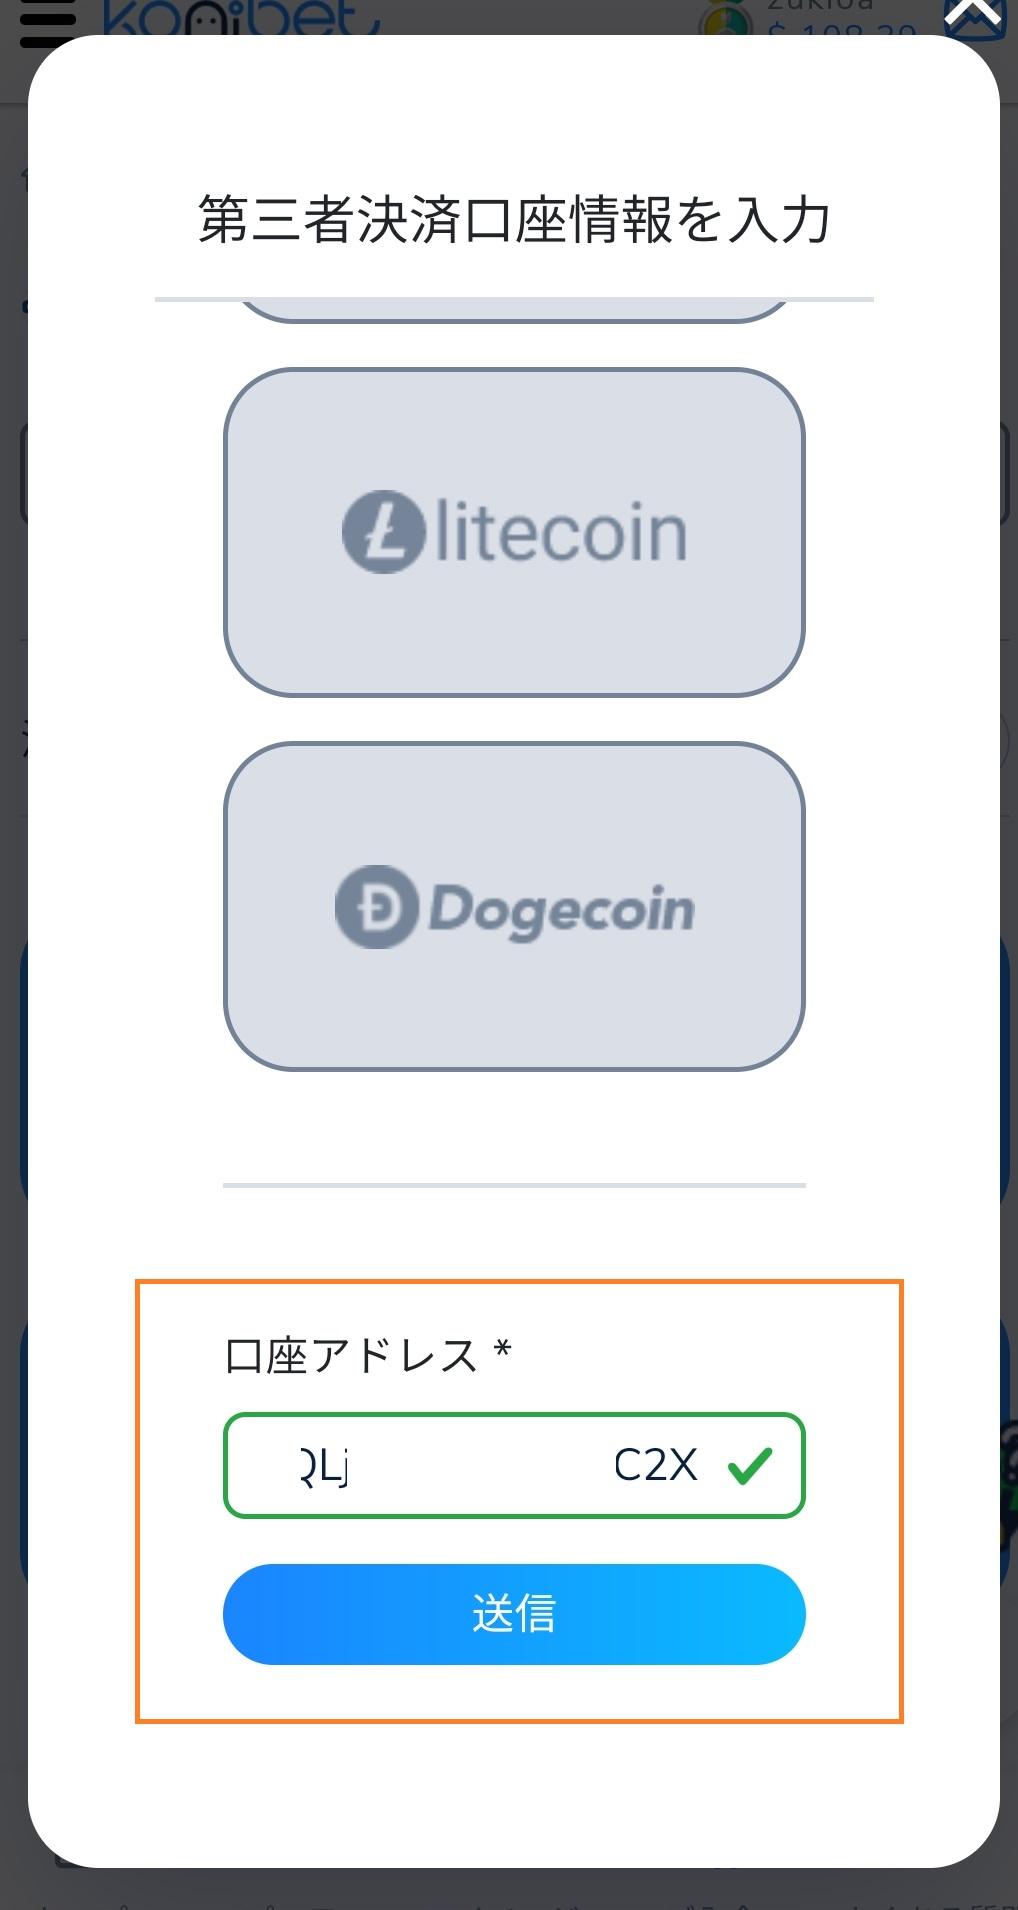 コニベット ビットコイン